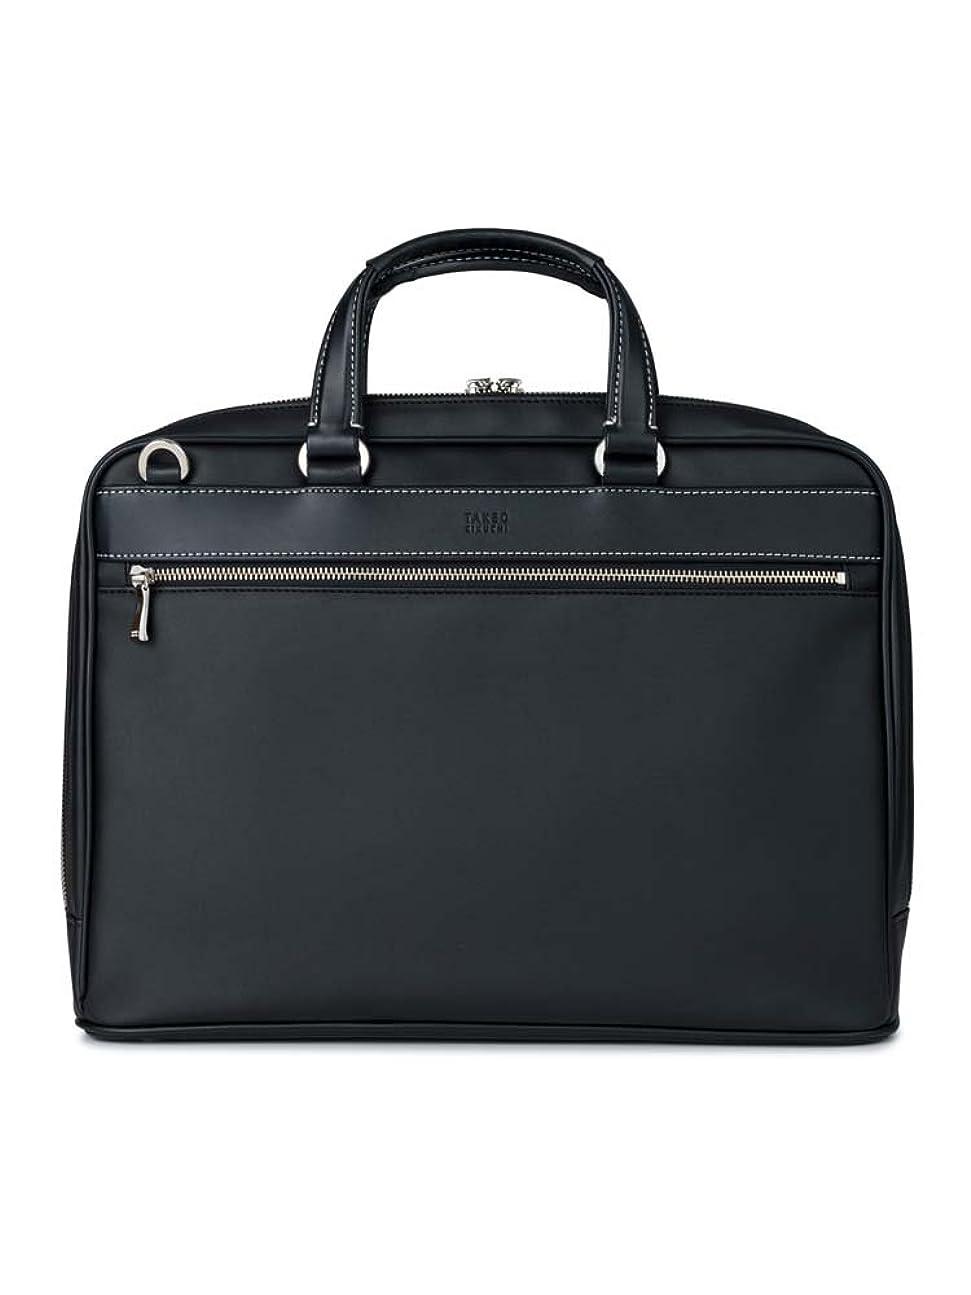 証言するぼかす記者[タケオキクチ] ブリーフケース フュージョン ビジネスバッグ ショルダーバッグ 2WAY メンズ 748503